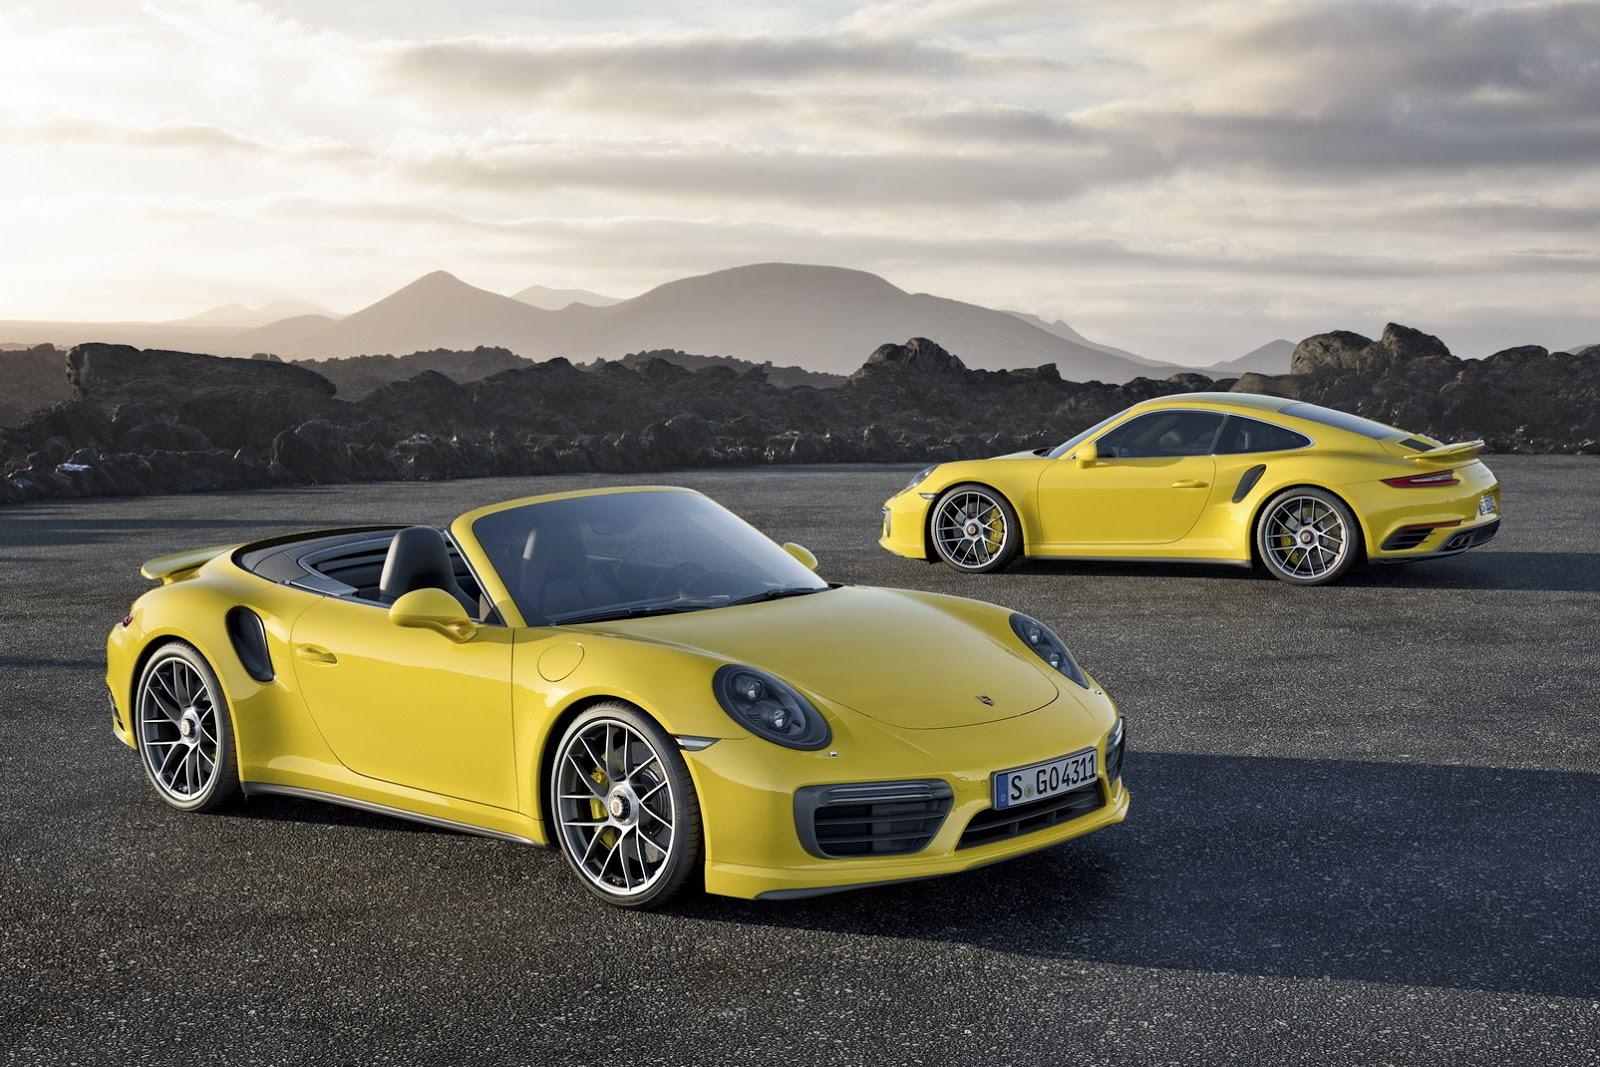 сколько стоит porsche 911 turbo в рублях